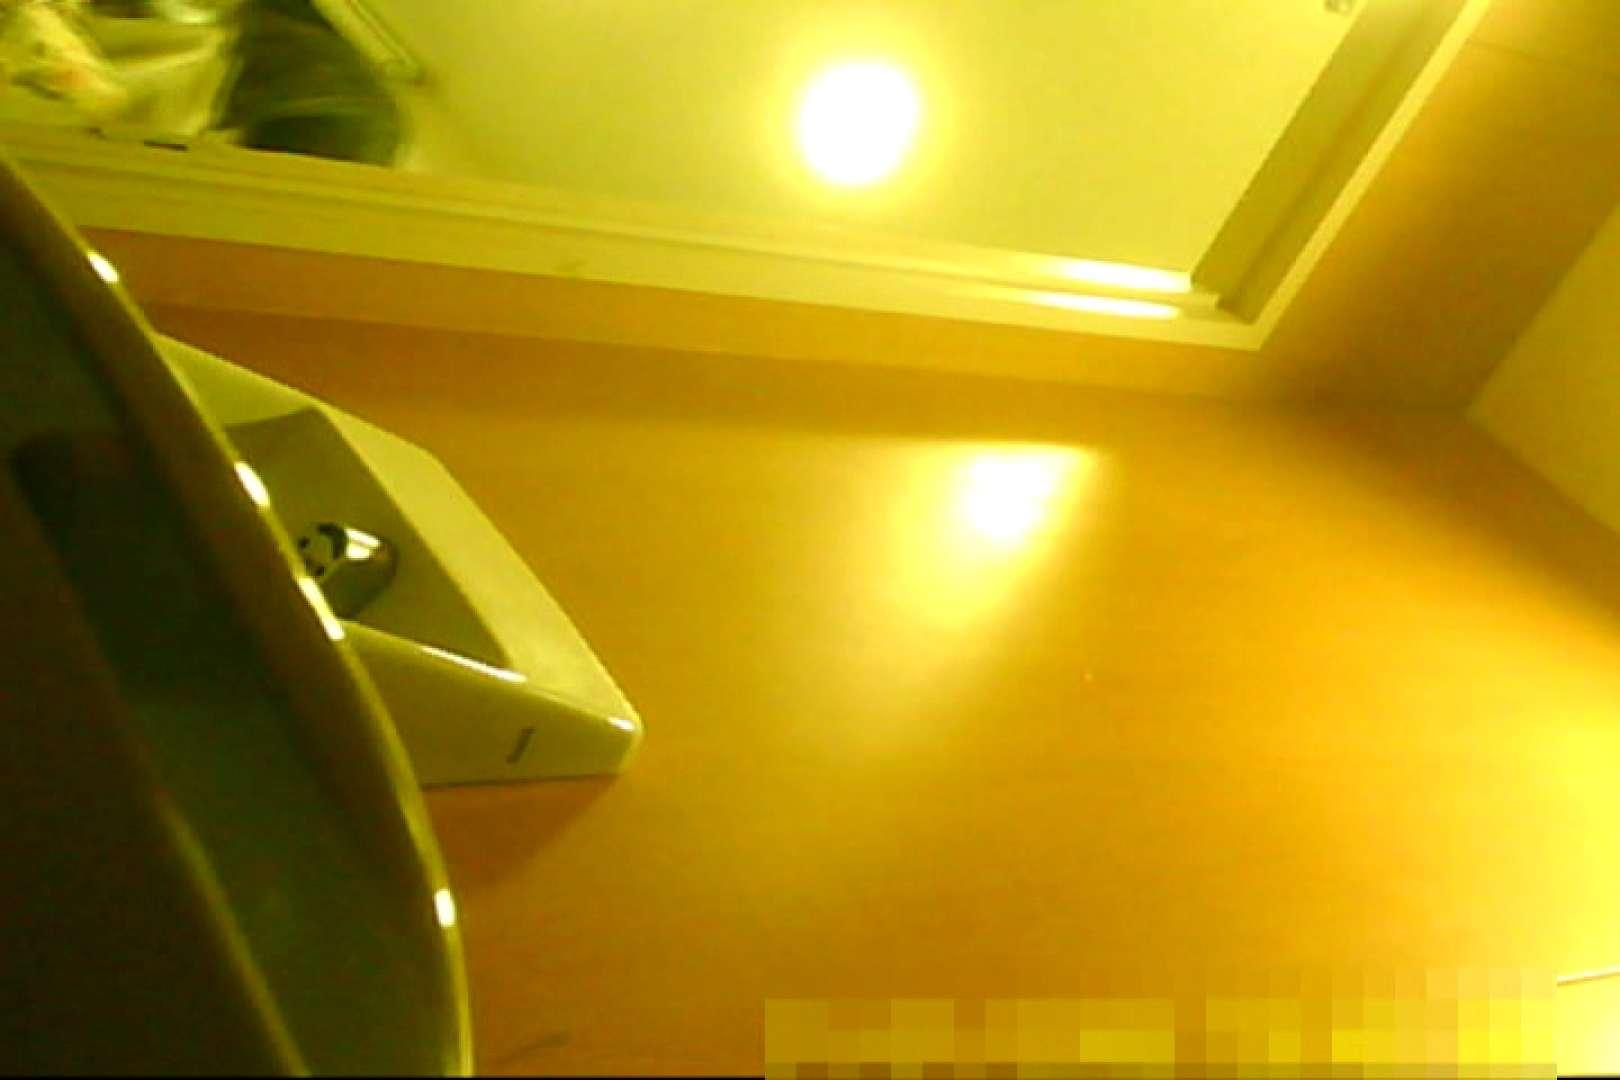 魅惑の化粧室~禁断のプライベート空間~29 プライベート  74連発 39